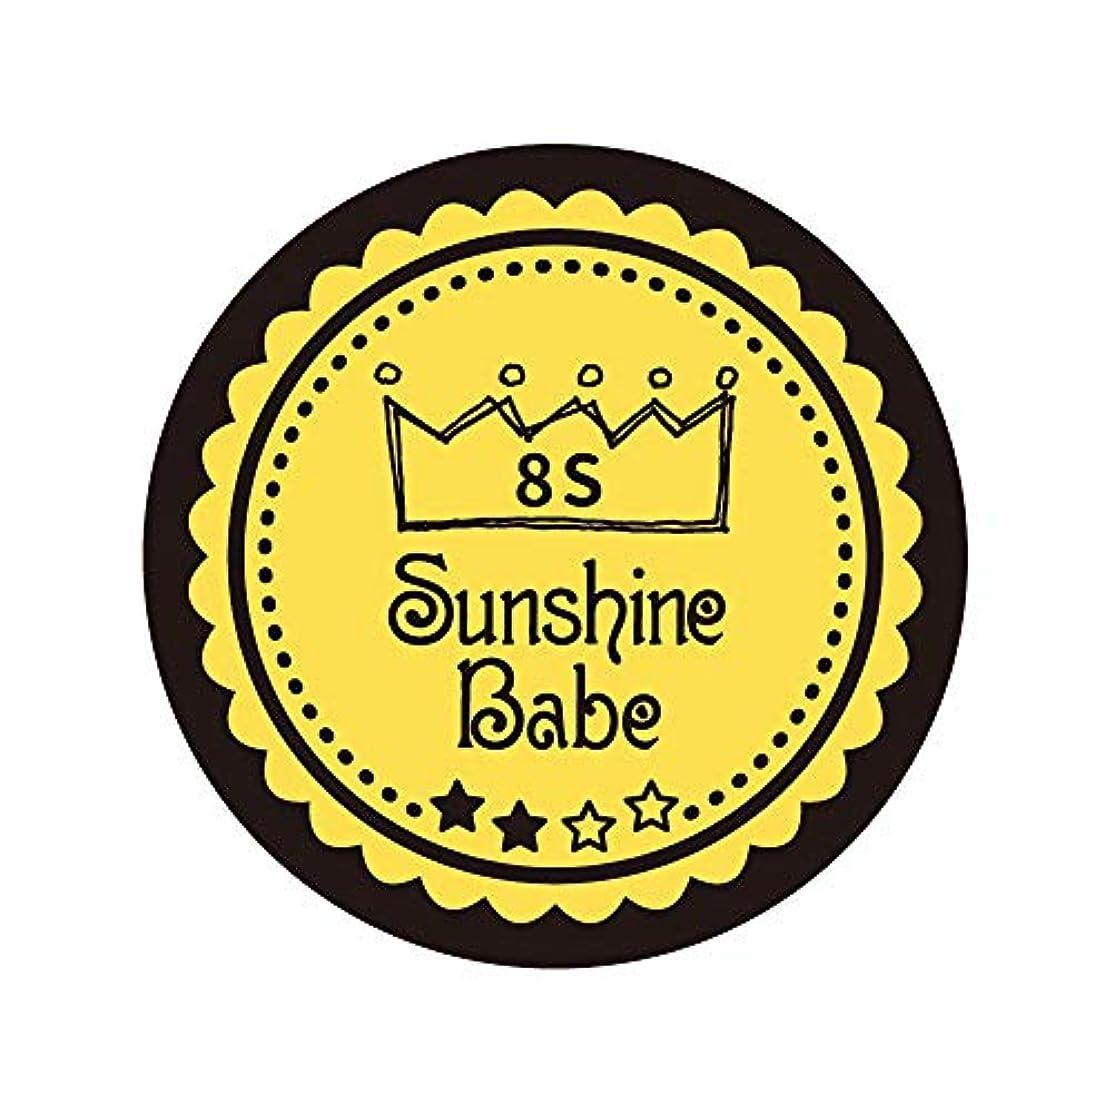 軽減するツーリストペインギリックSunshine Babe カラージェル 8S メドウラーク 2.7g UV/LED対応